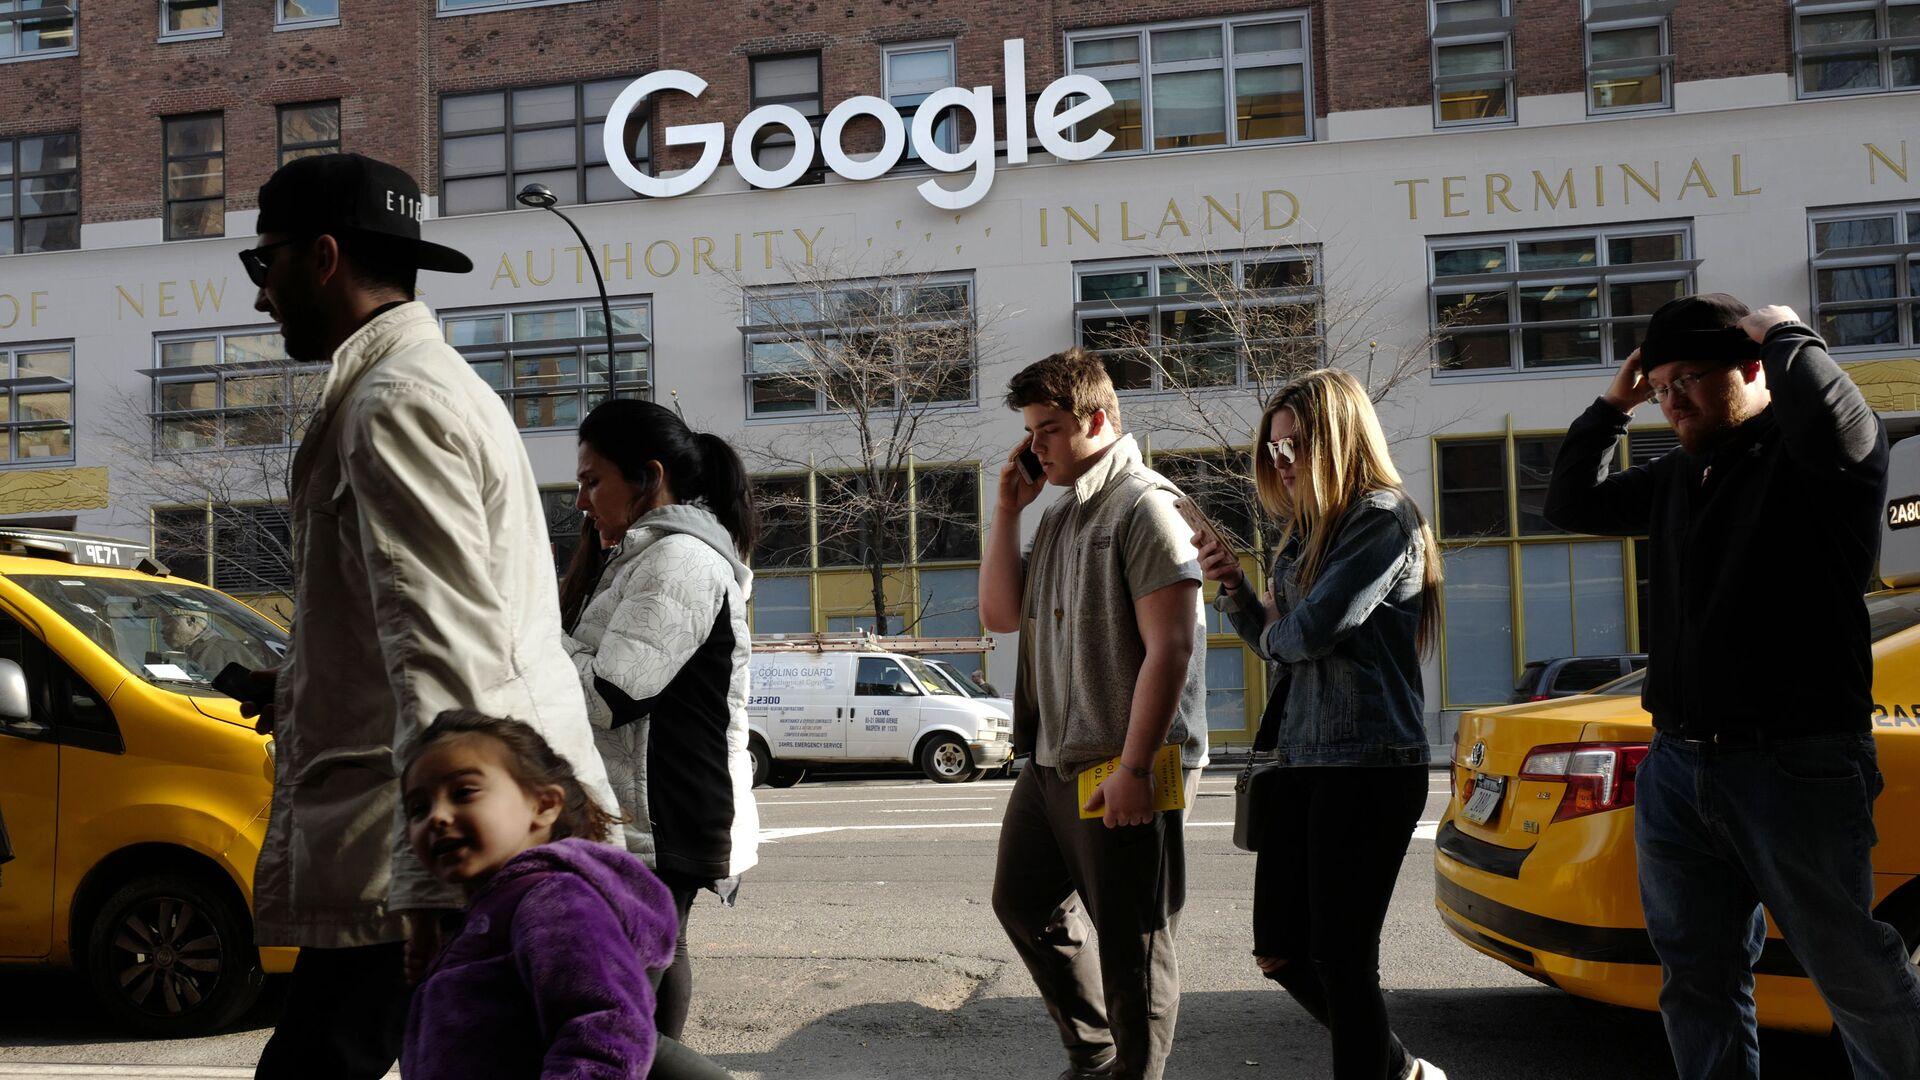 Kancelář Google v New Yorku - Sputnik Česká republika, 1920, 30.05.2021